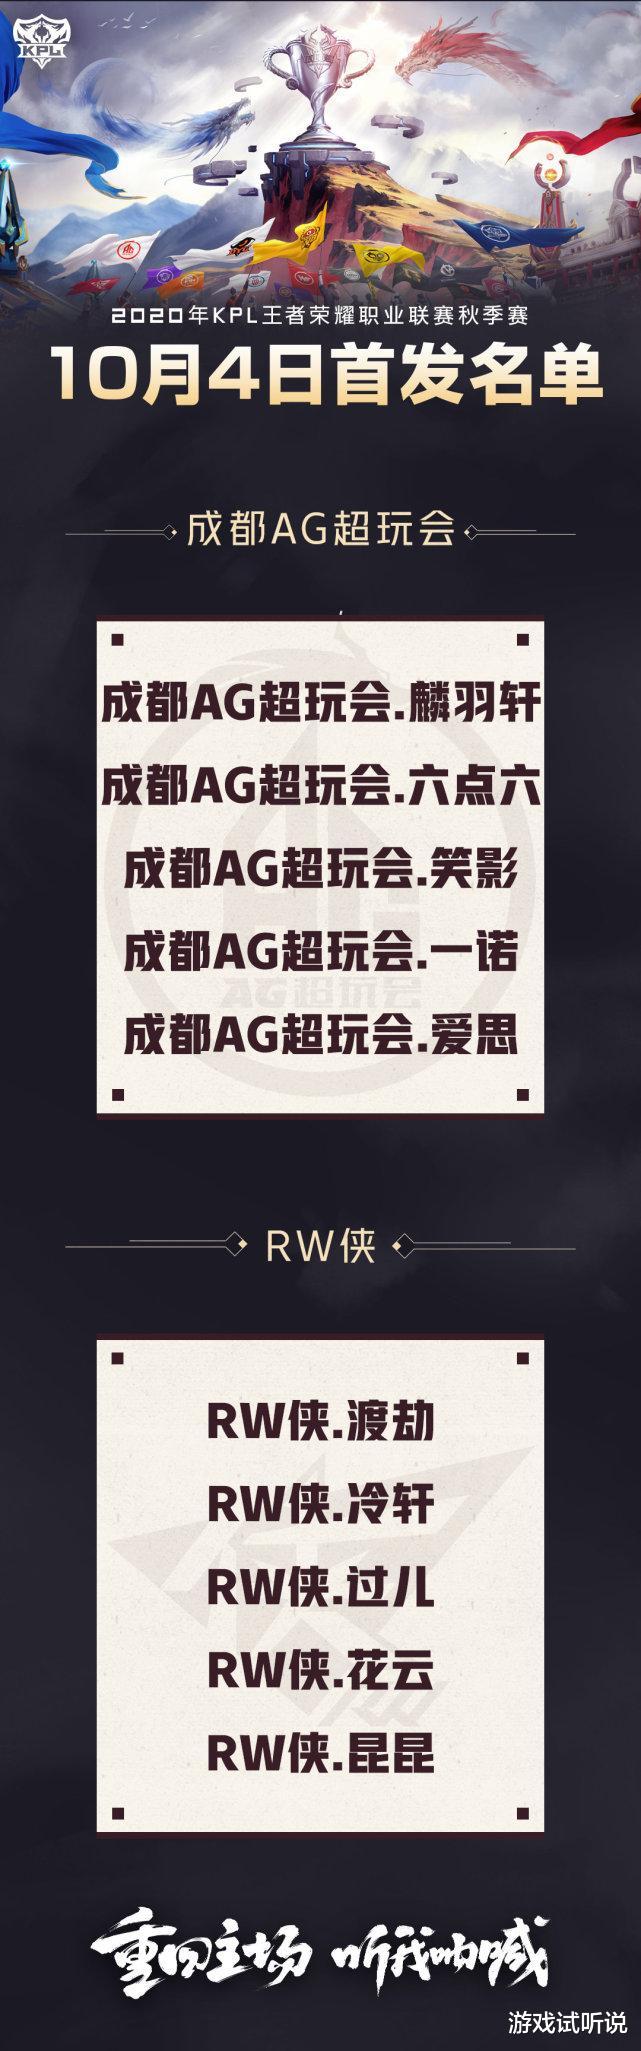 """AG對陣RW首發再次調整,麟羽取代七年!粉絲質疑月光真的存在""""私心""""?-圖5"""